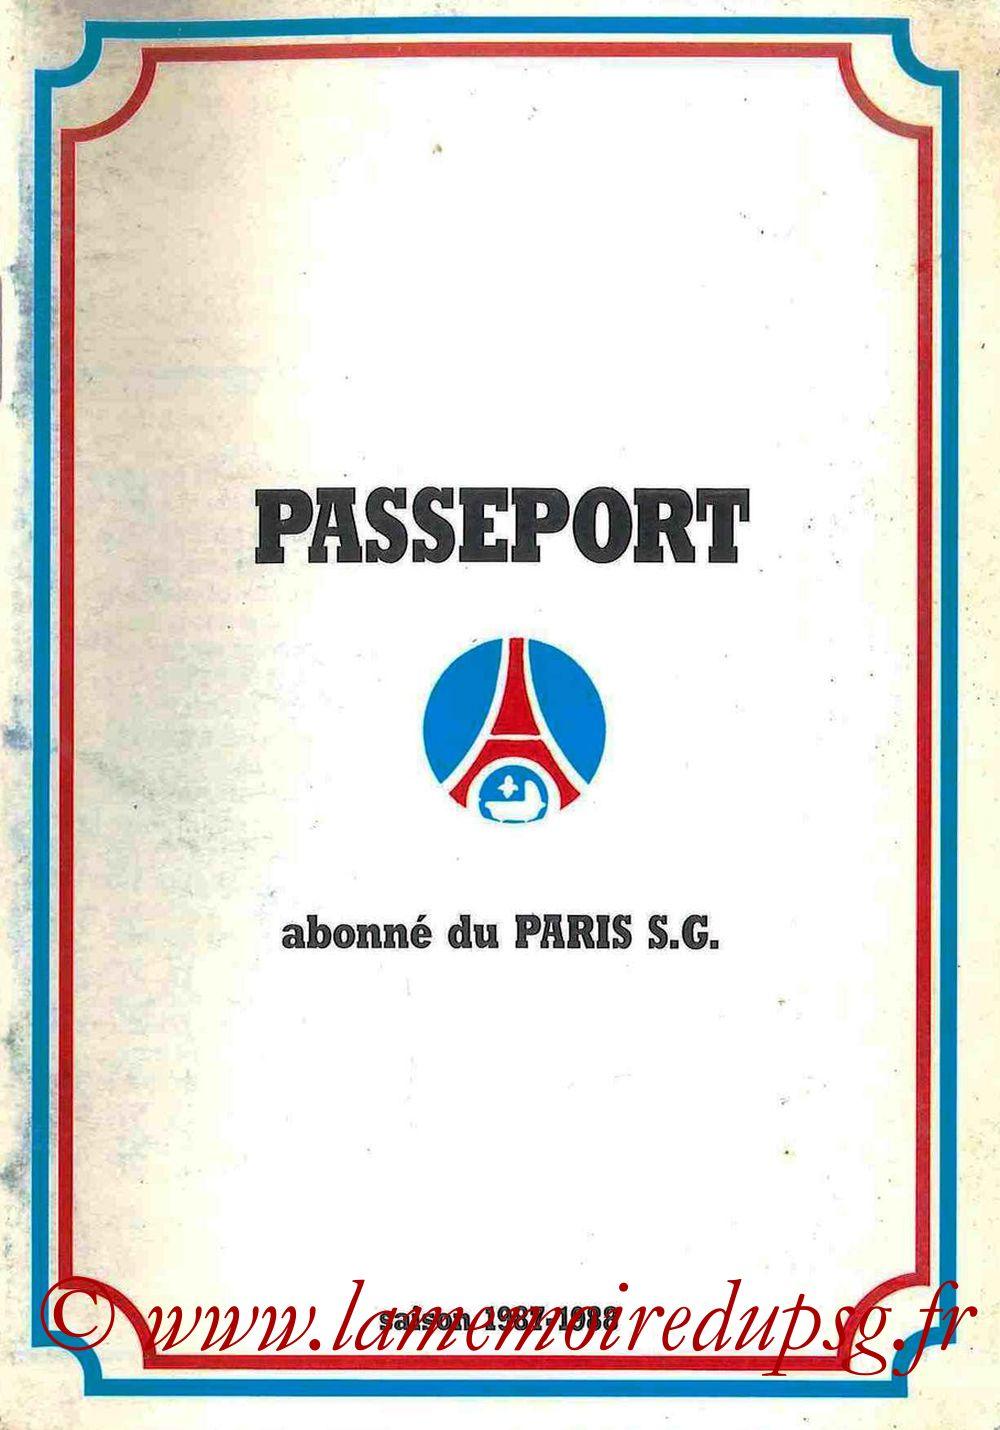 1987-88 - Passeport Abonné du PSG - Couverture